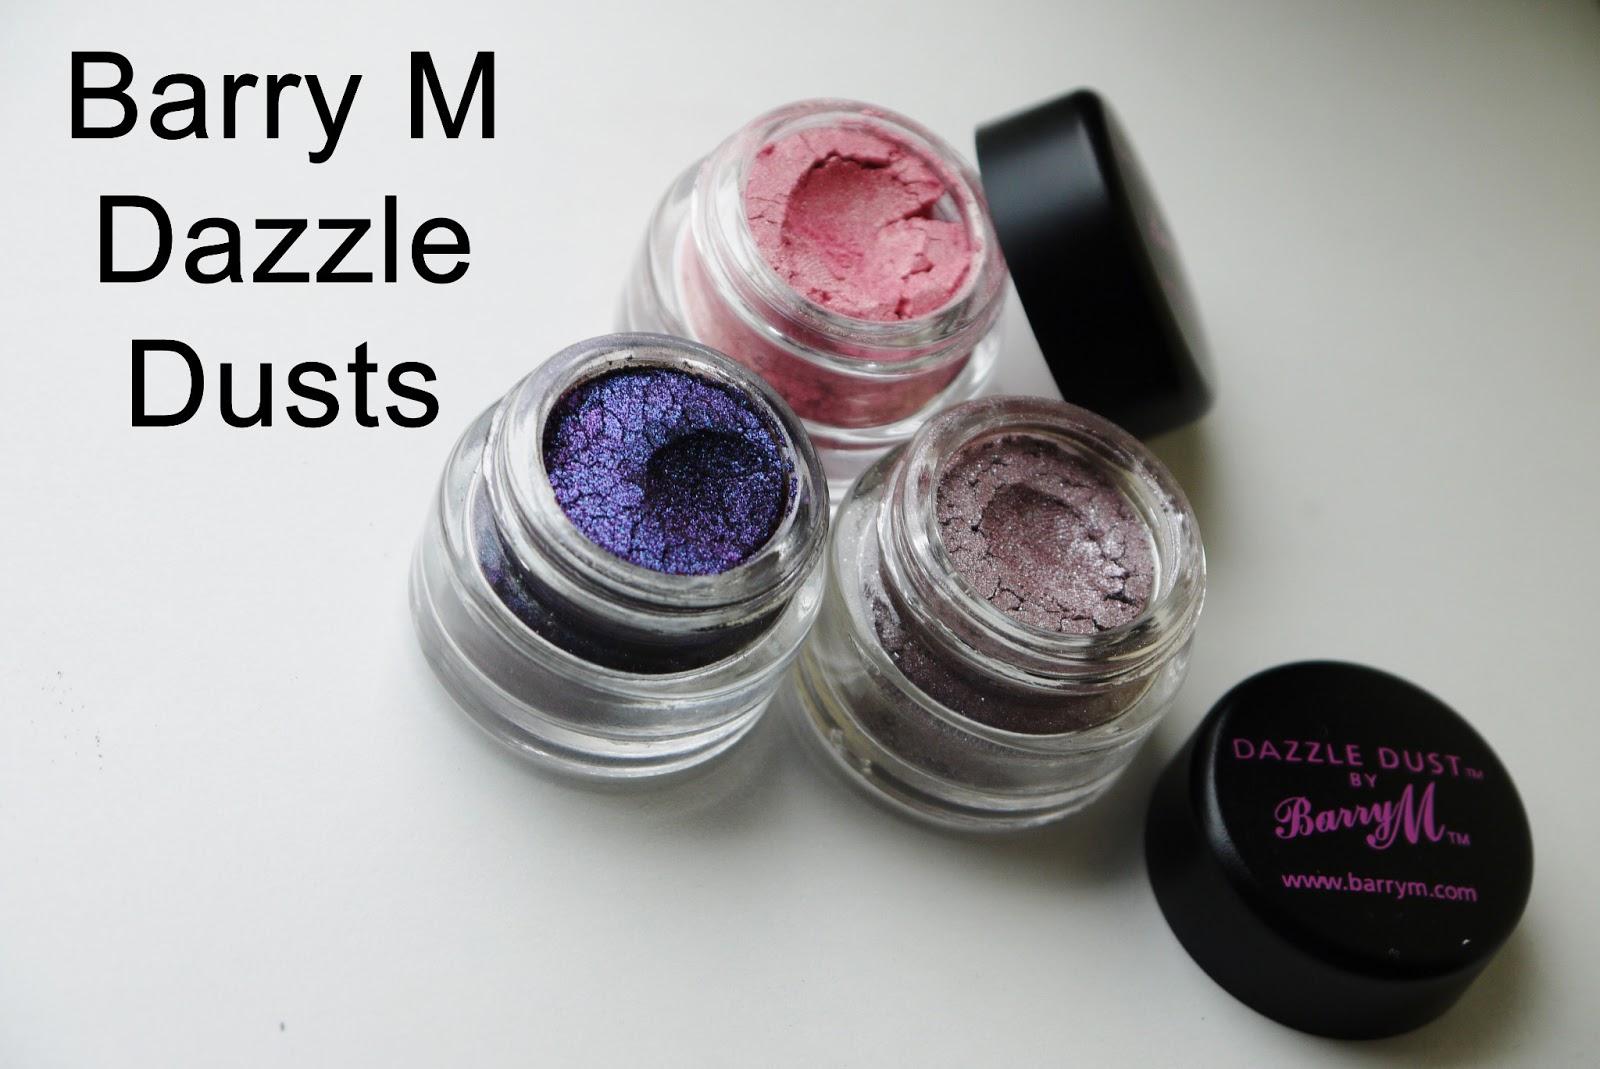 Barry M Dazzle Dust Eye Shadow